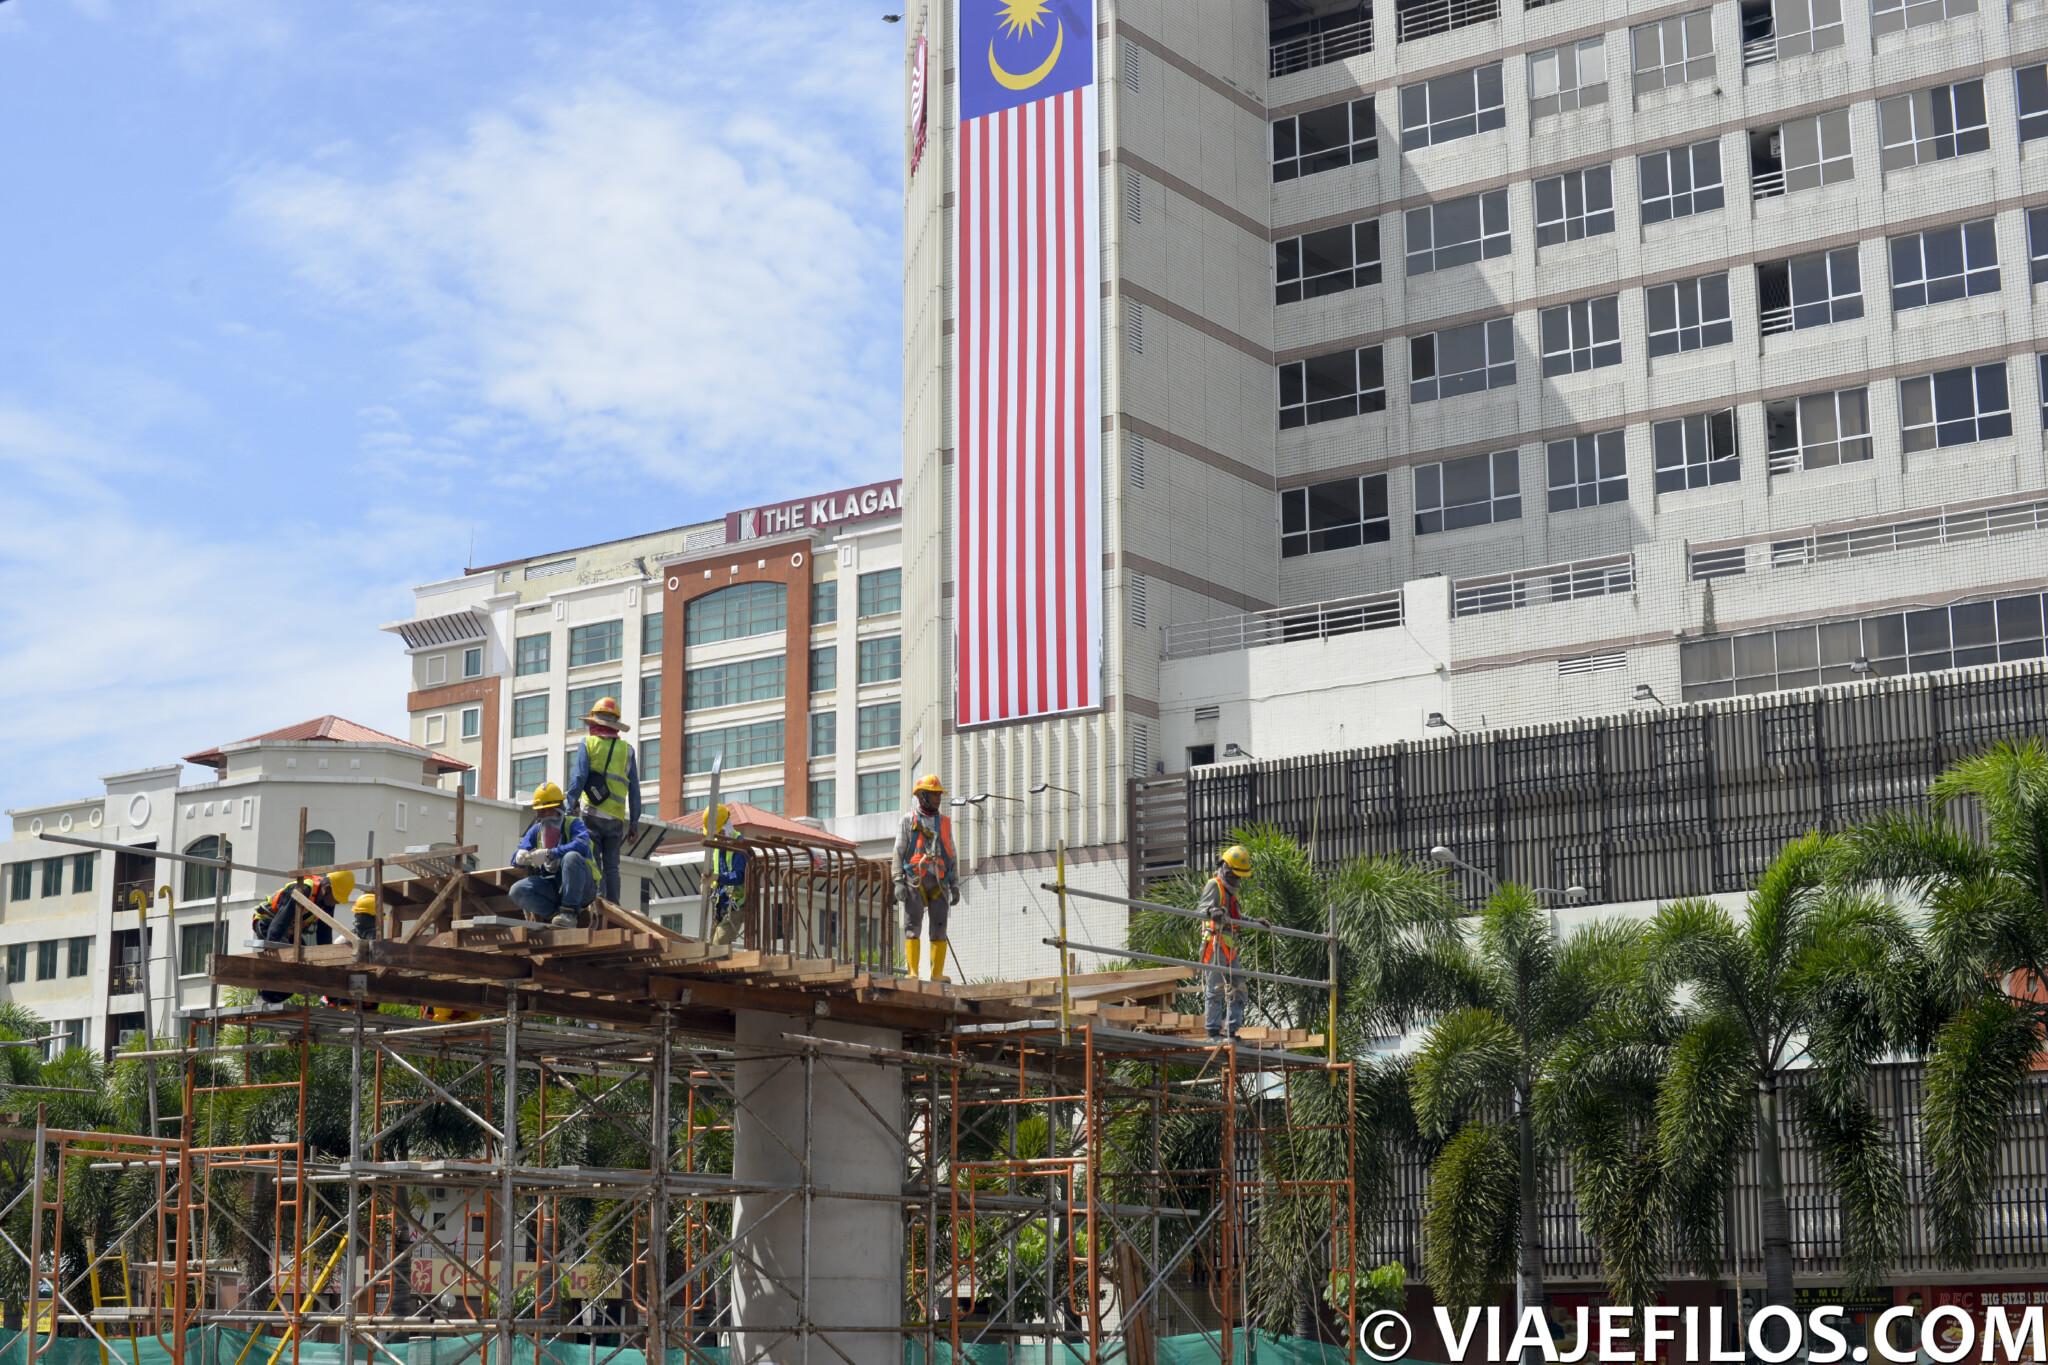 La modernidad es más que evidente en la ciudad de Kota Kinabalu y las infraestructuras crecen con velocidad en la ciudad más avanzada de Borneo. Aquí te contamos que ver y visitar en Kota Kinabalu